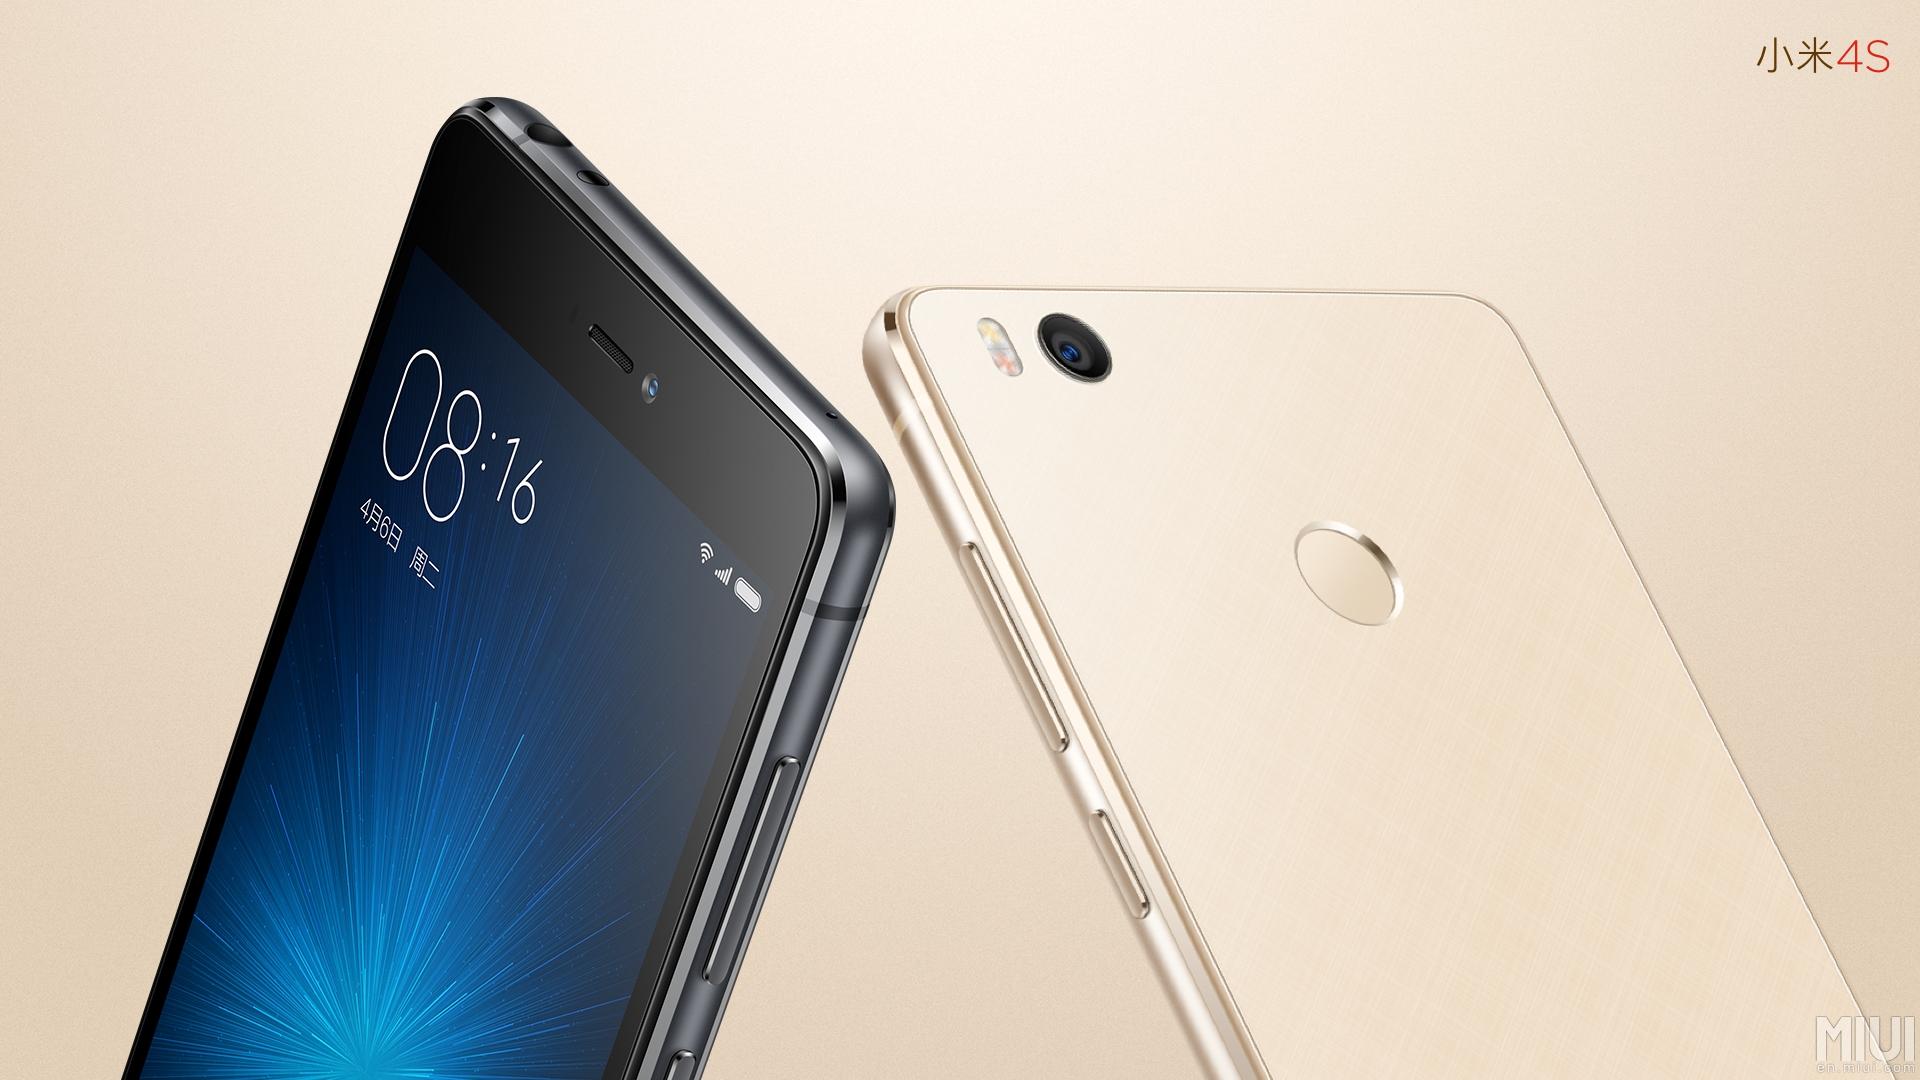 Xiaomi Mi 4S lanzamiento oficial mwc 2016 4